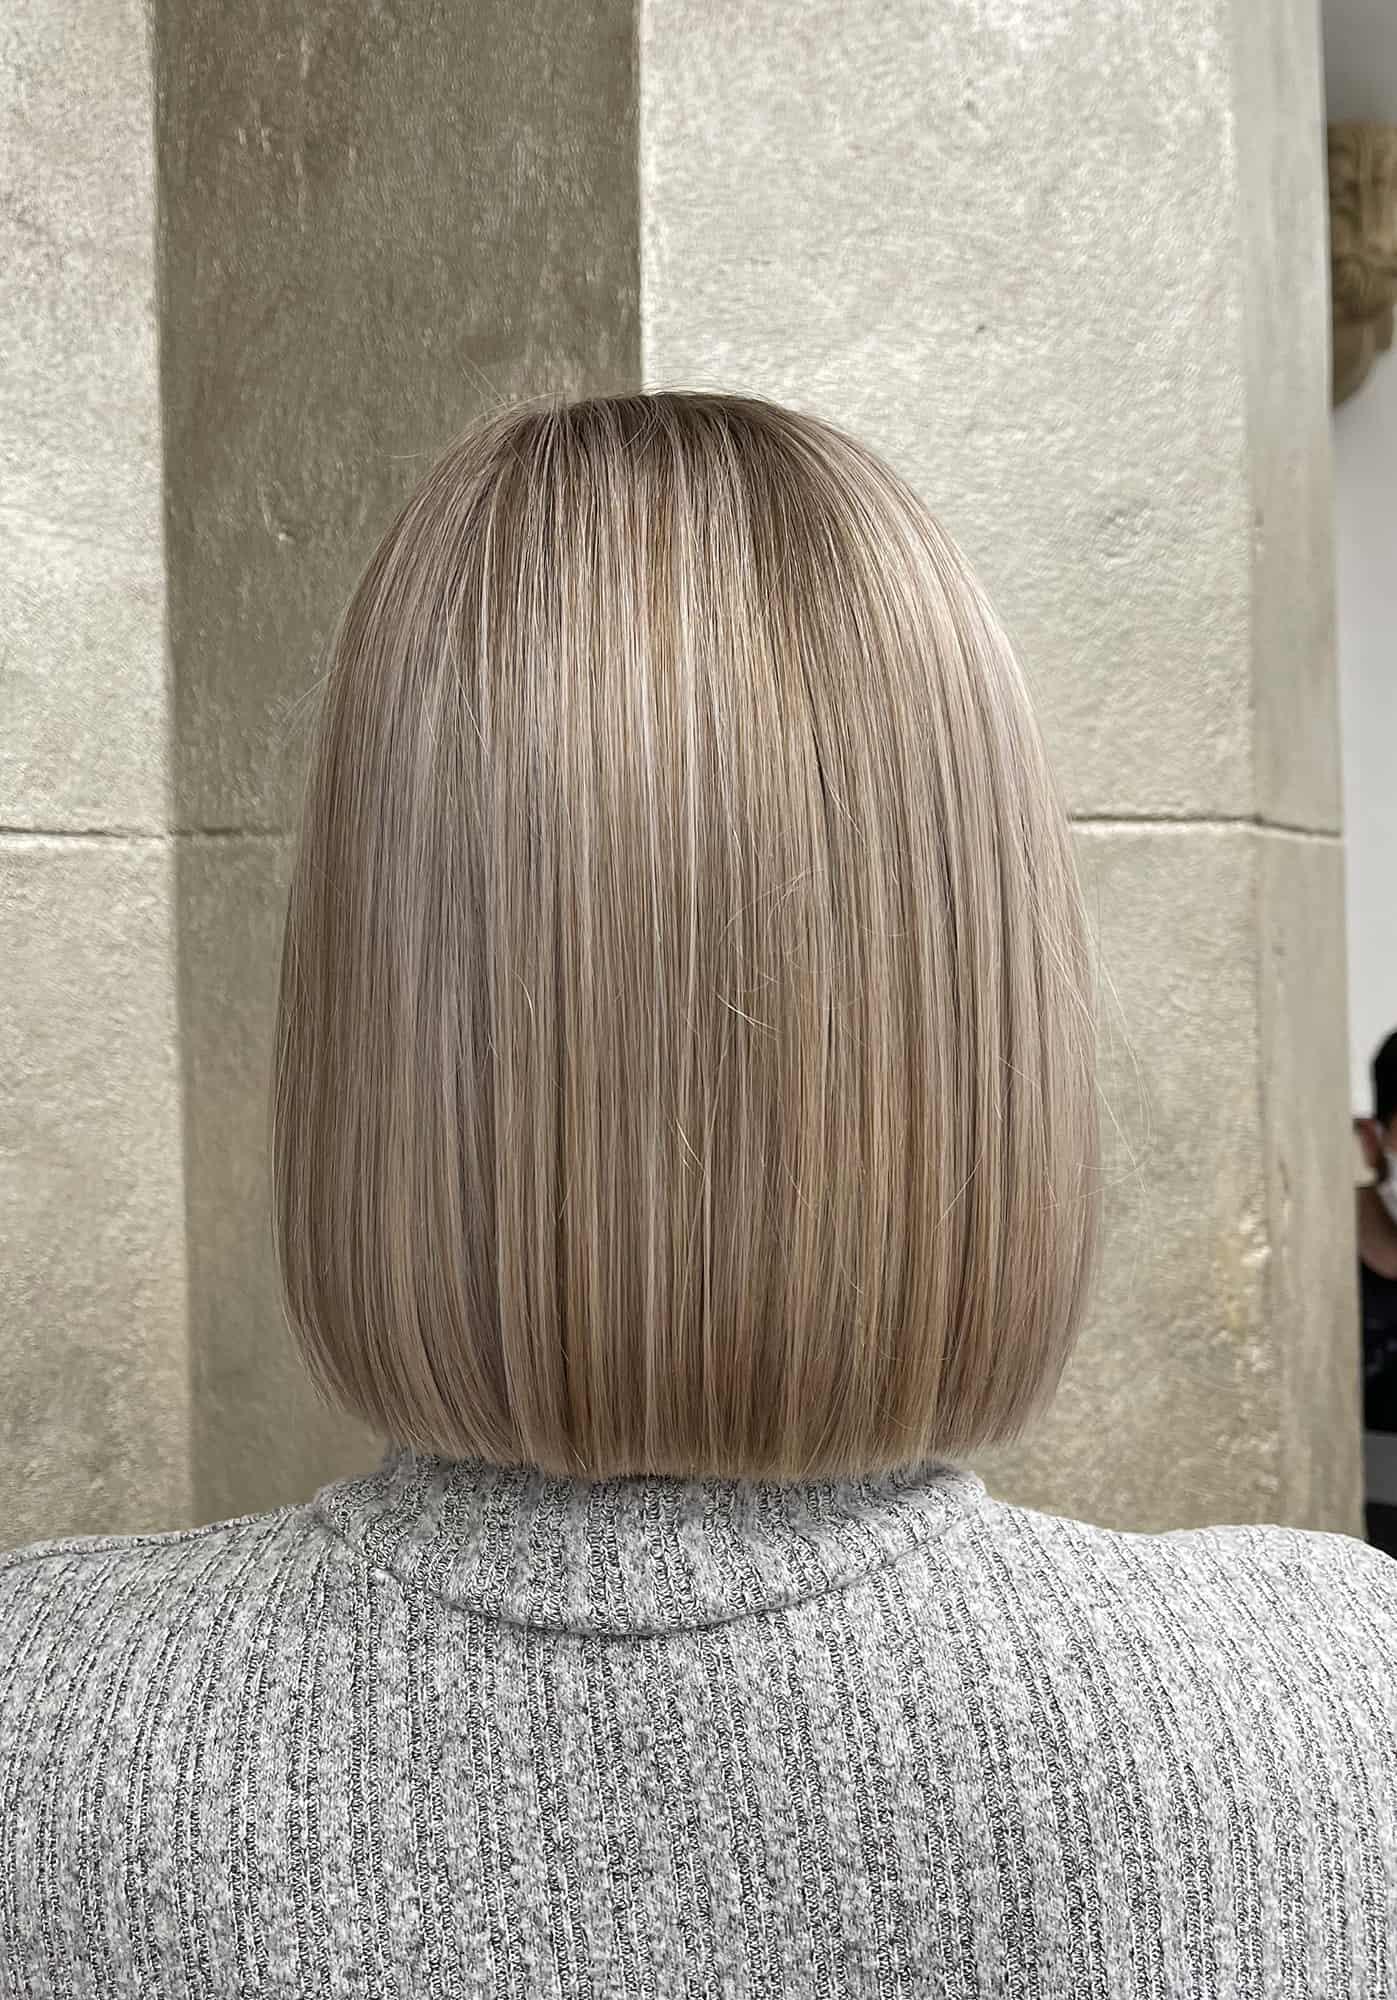 Bobfrisur-mit-blonden-Babylights